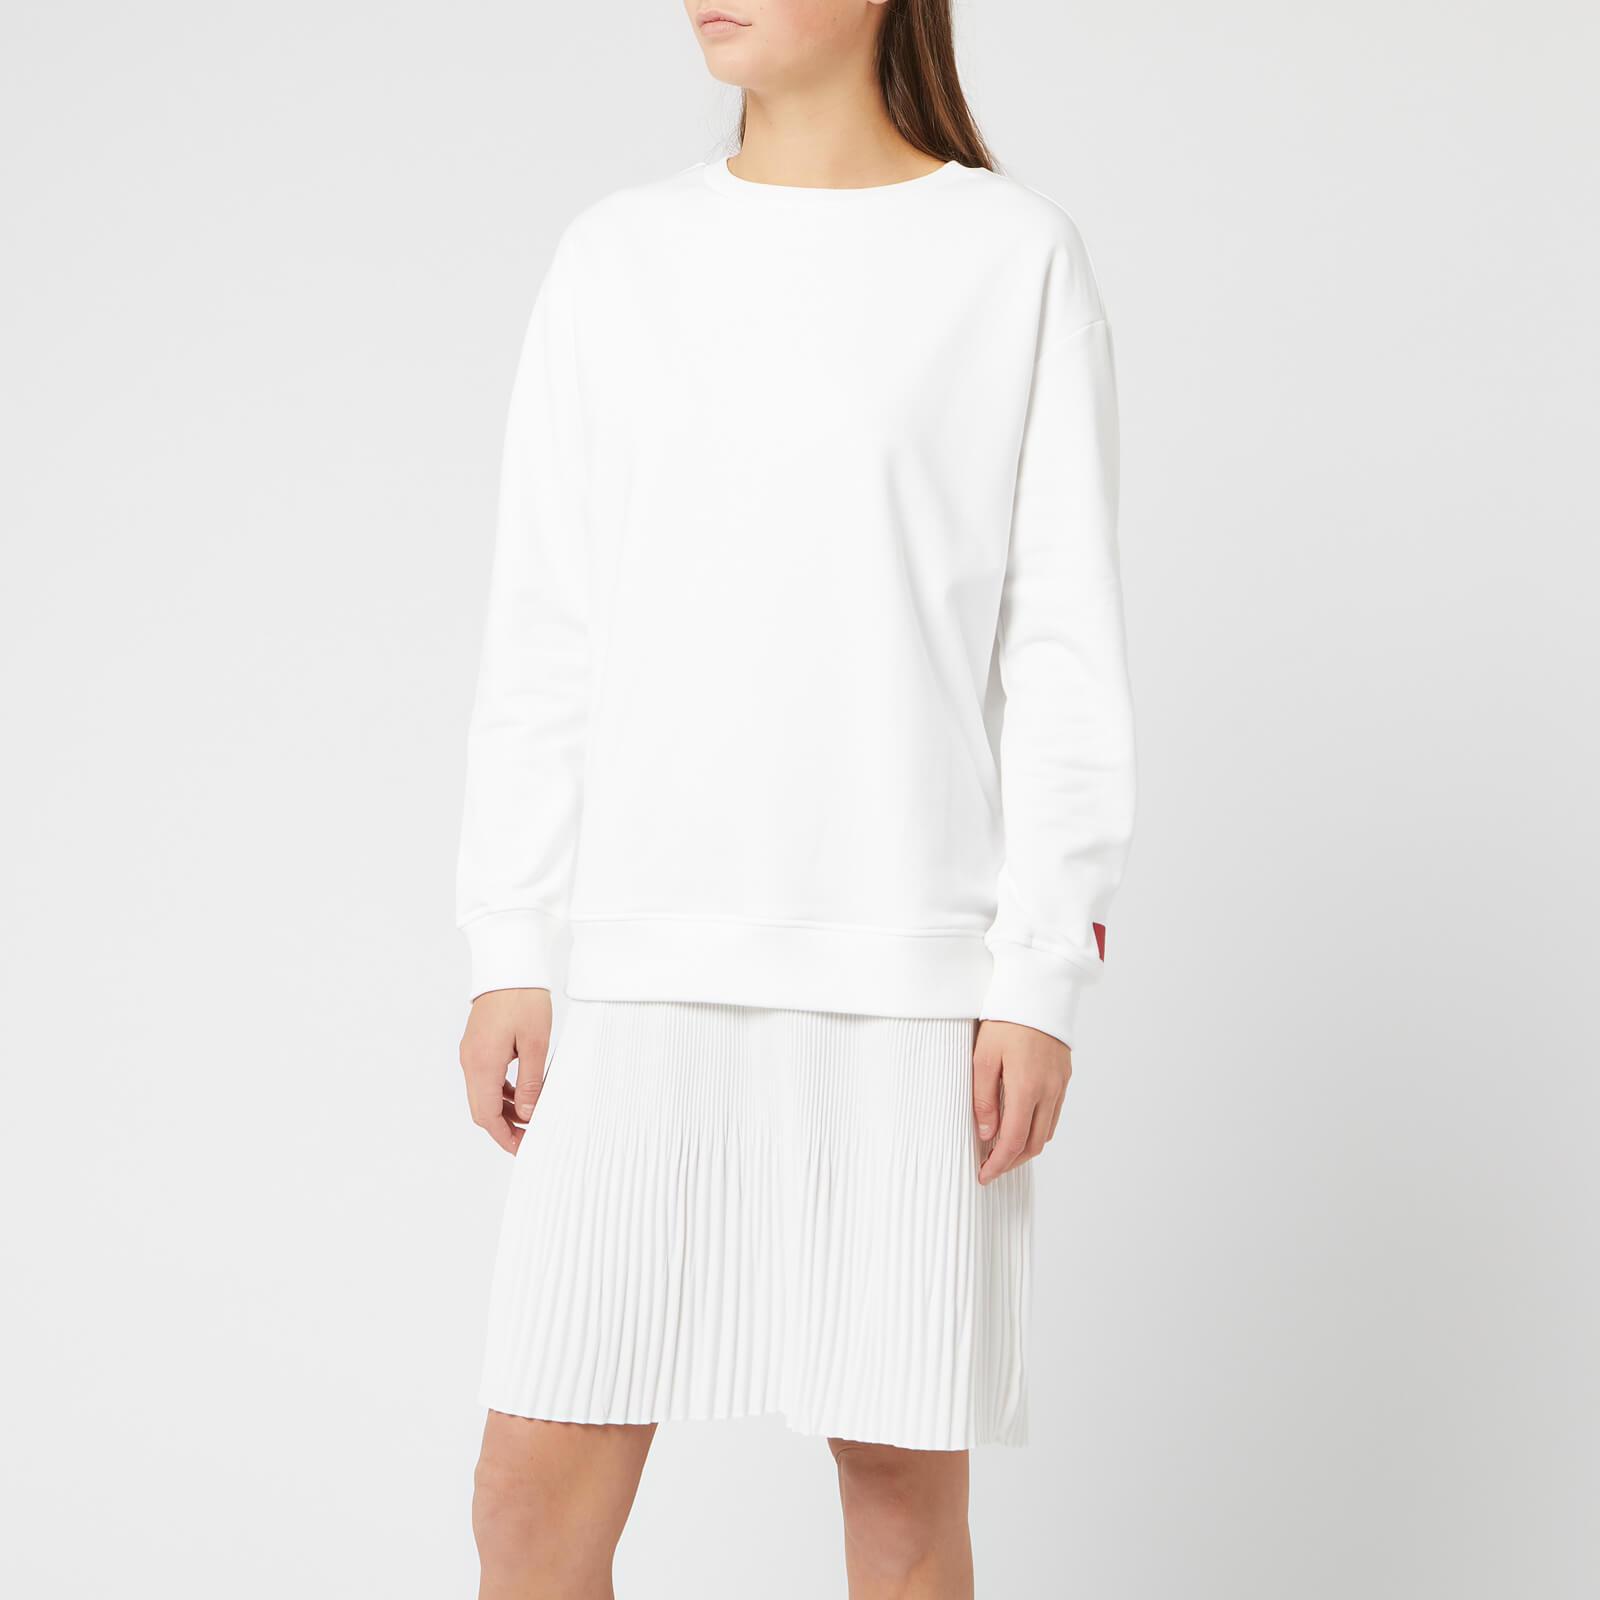 Hugo Boss Women's Nalotta Sweat Dress - Cream - S